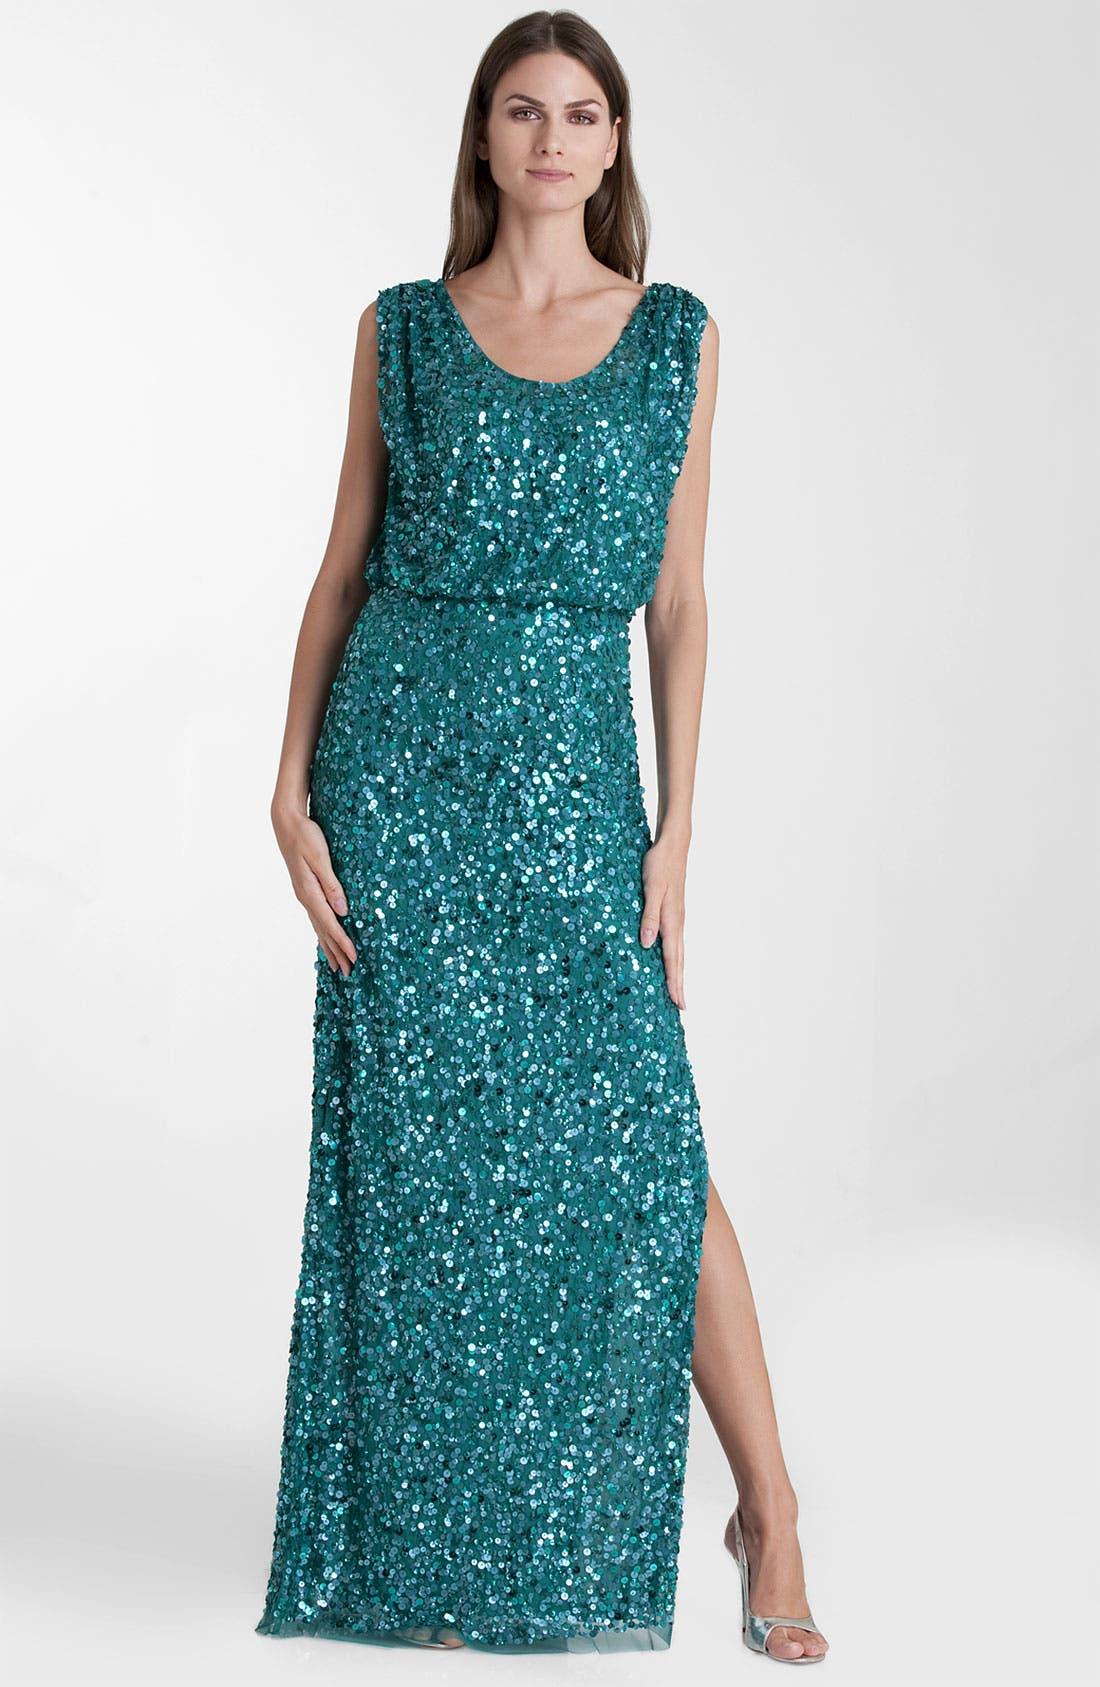 Main Image - JS Collections Blouson Bodice Sequin Mesh Gown (Petite)